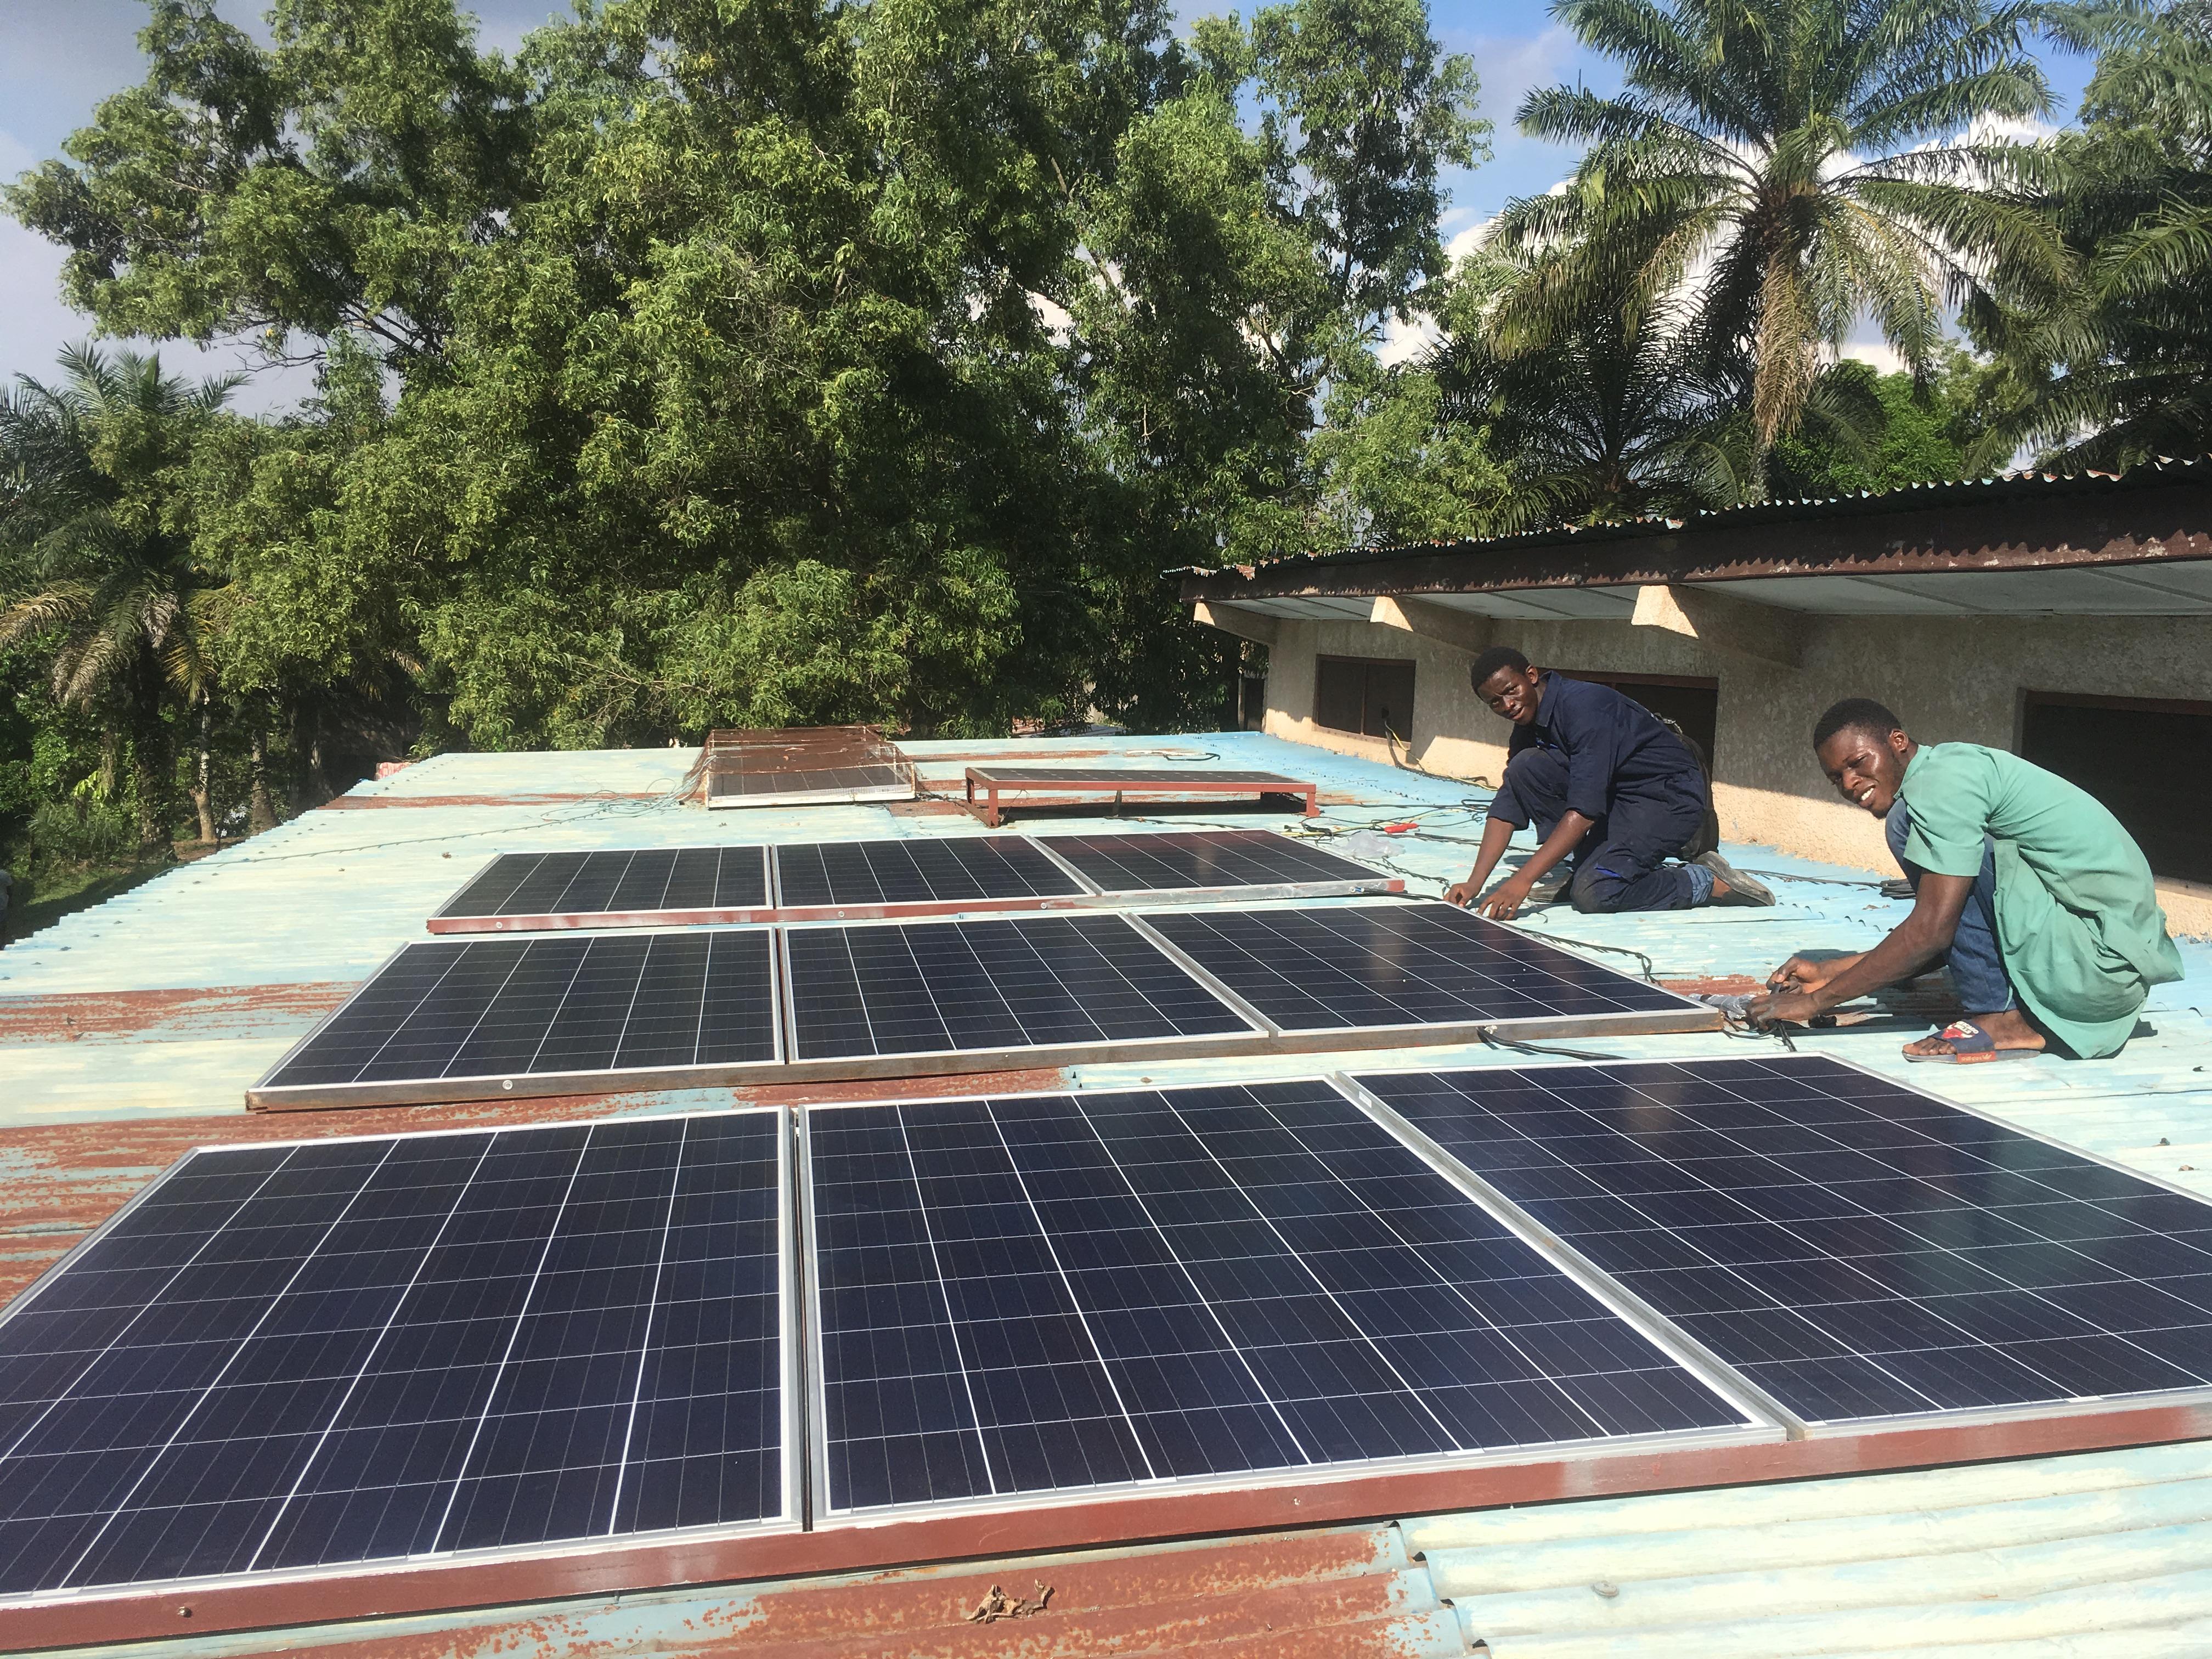 Centre santé-Panneaux solaires1